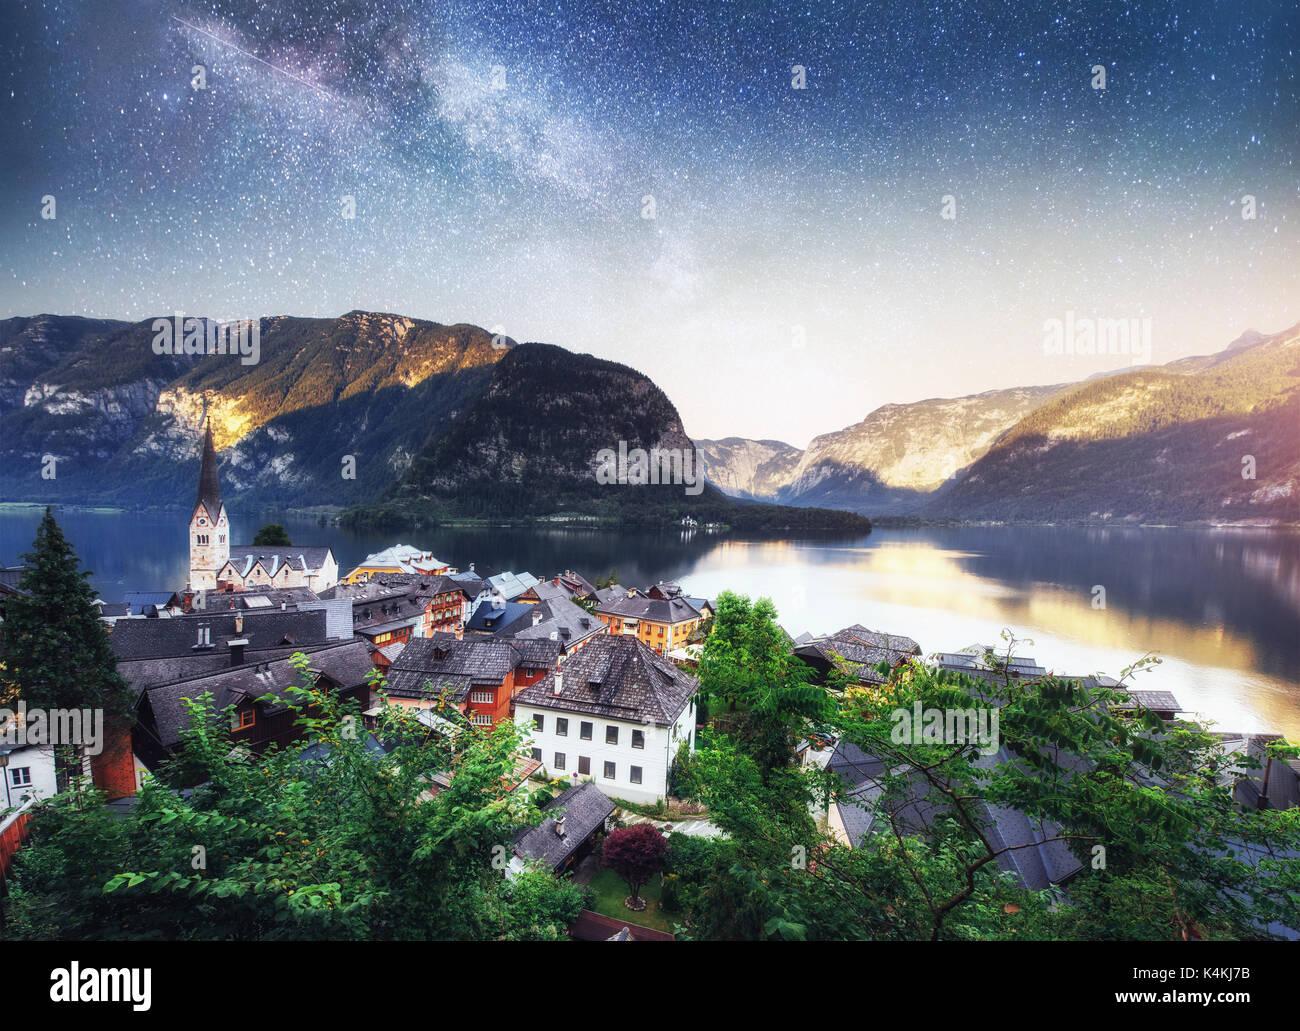 Einen herrlichen Panoramablick auf den berühmten Berg Dorf in den österreichischen Alpen. Fantastische Milchstraße. Hallstatt. Österreich Stockbild